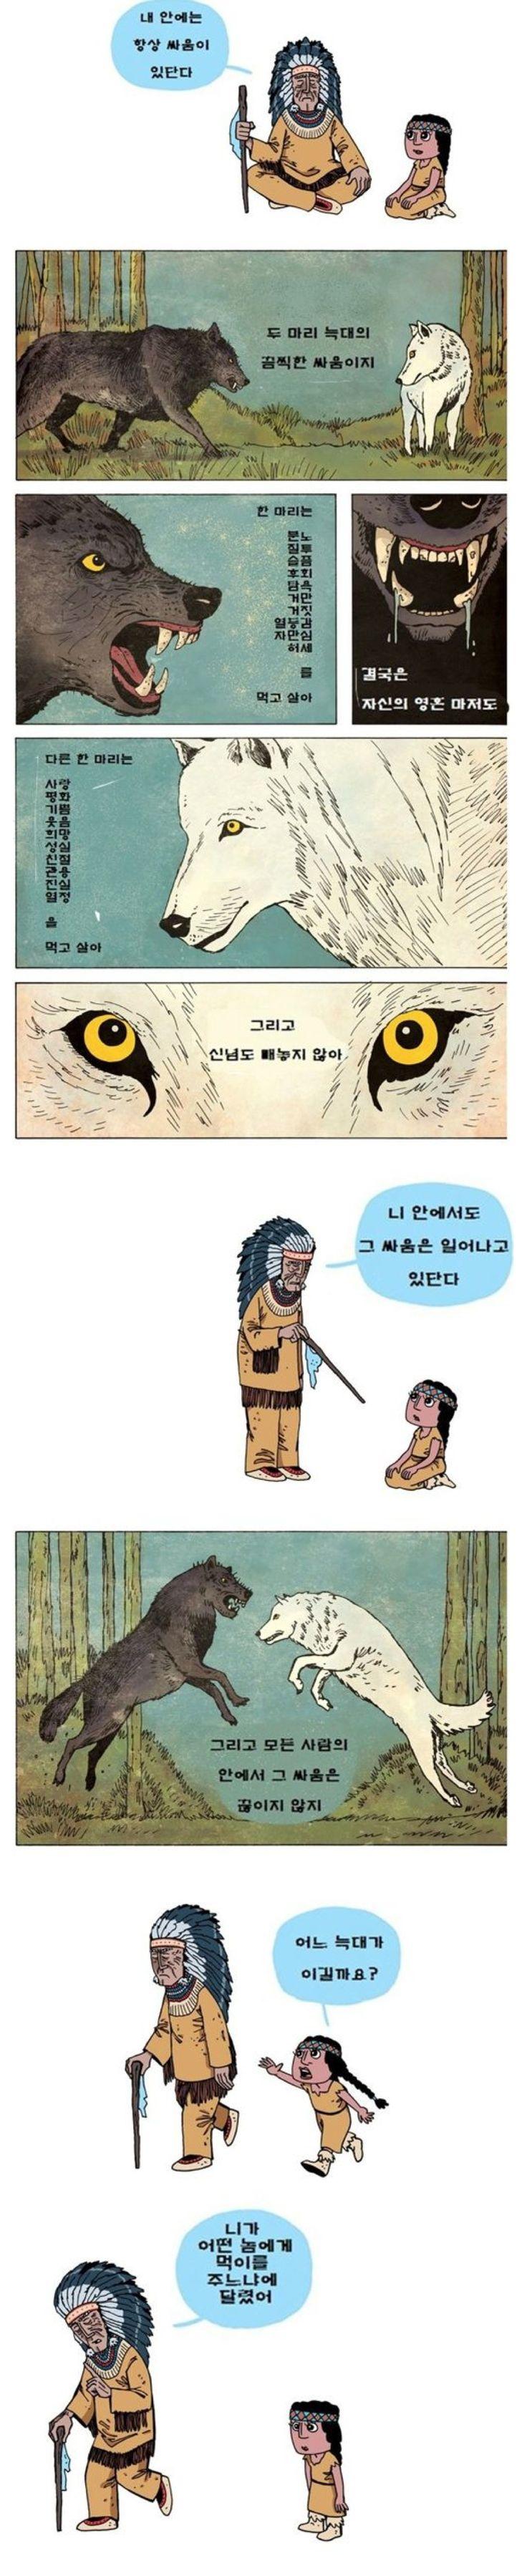 두마리 늑대